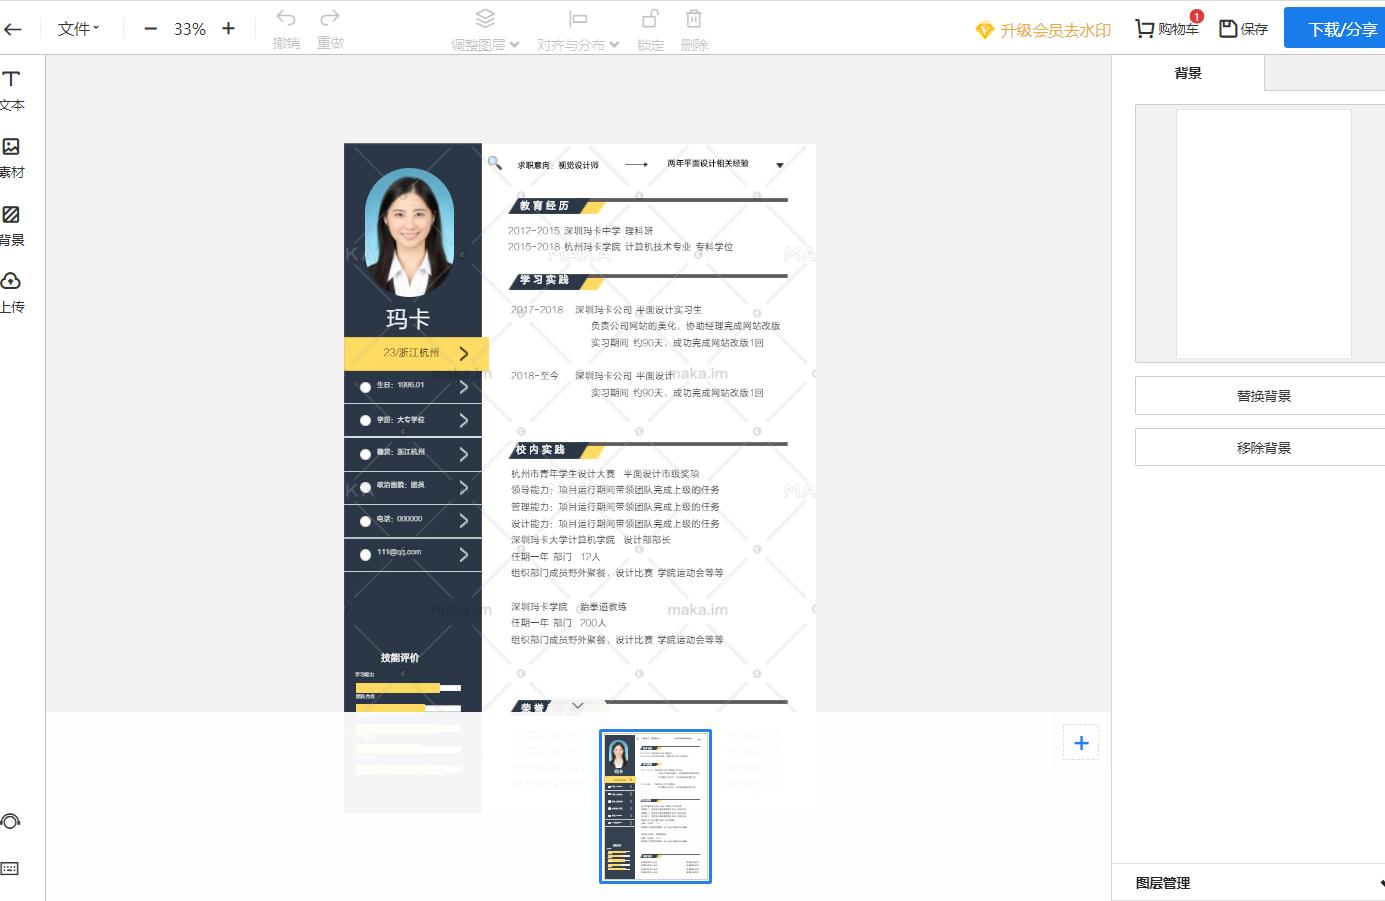 简历设计教程分享 如何做个人求职简历